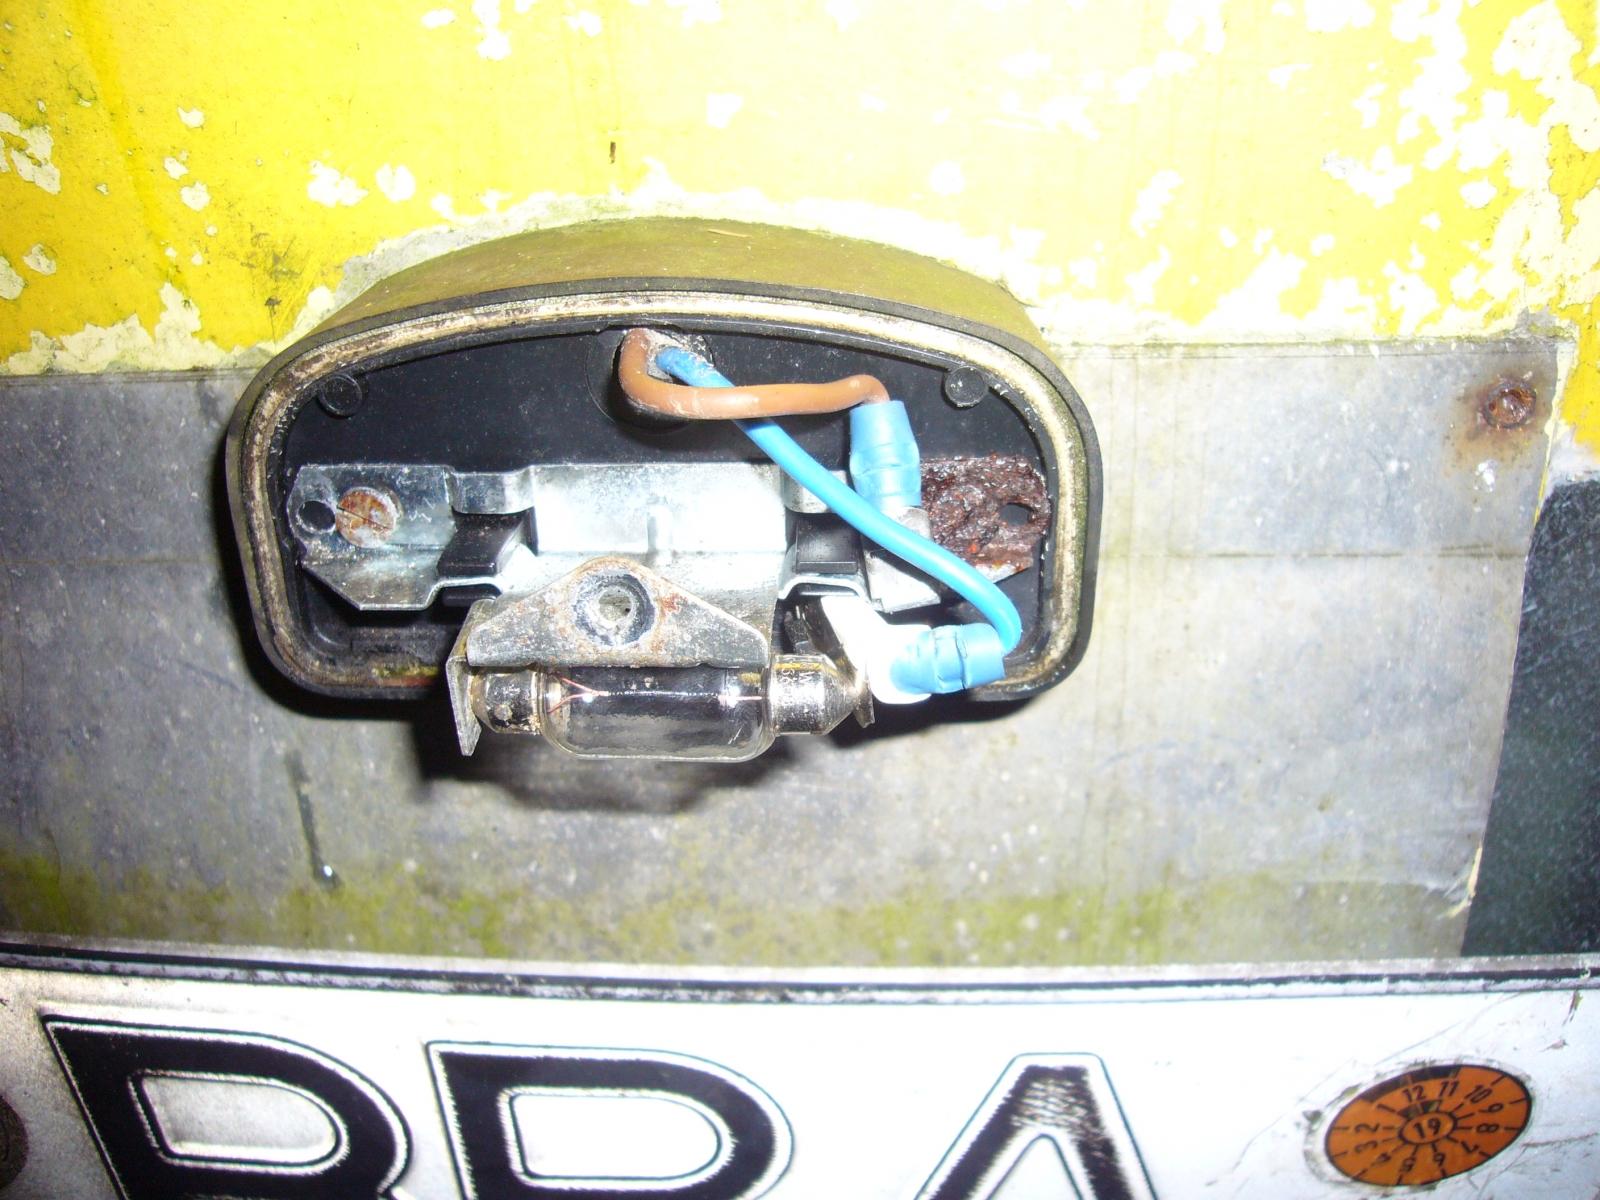 Fingers elektrische Welt • Thema anzeigen - Gelöst: Hyundai i30 ...